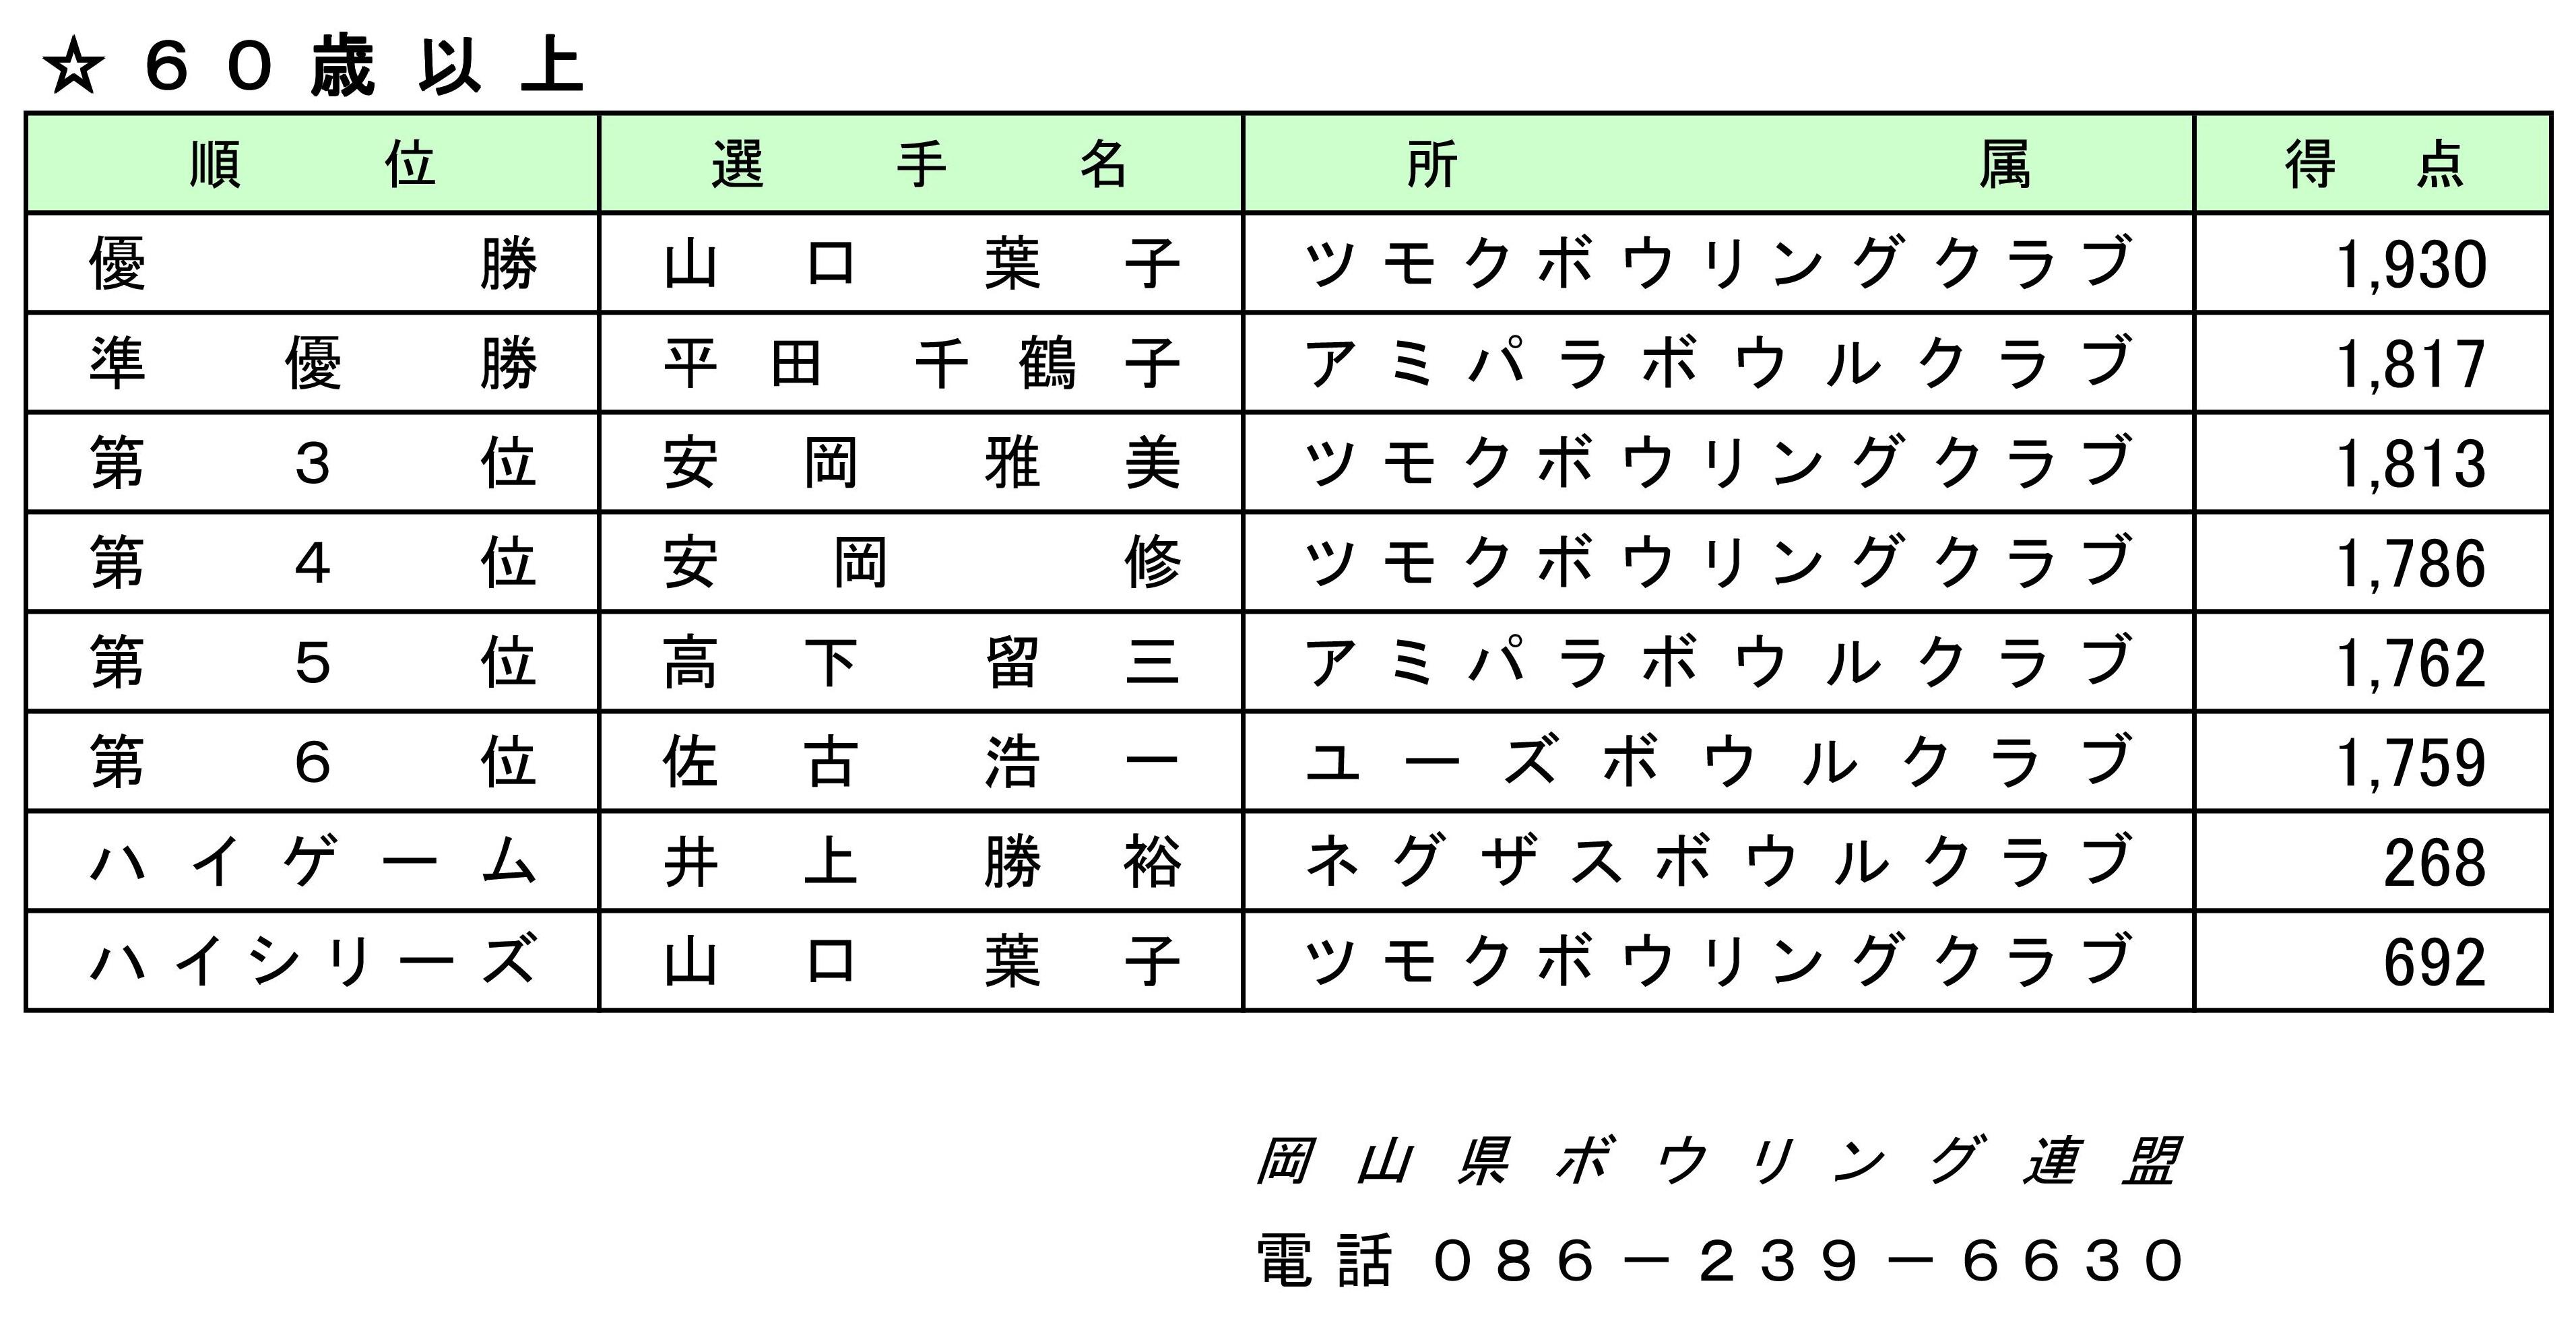 受付・レーン配当・成績記録-02.jpg